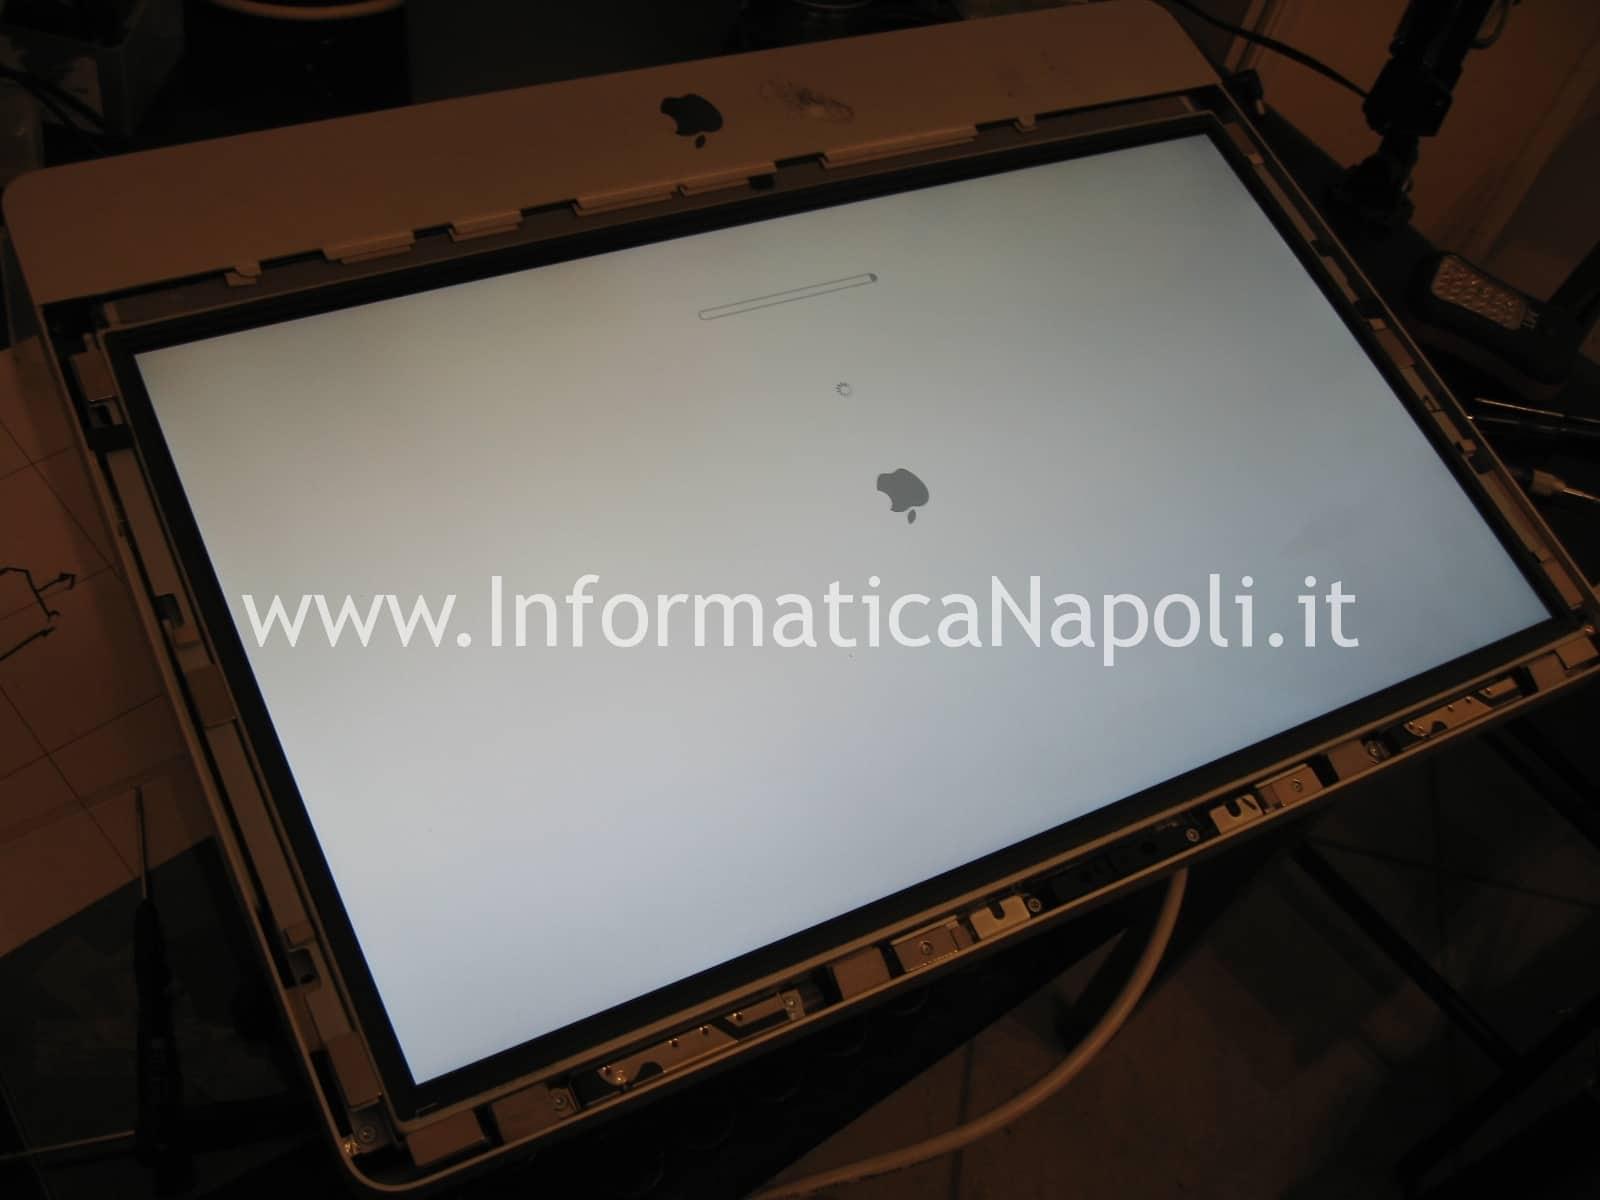 riparazione video apple imac A1311 napoli